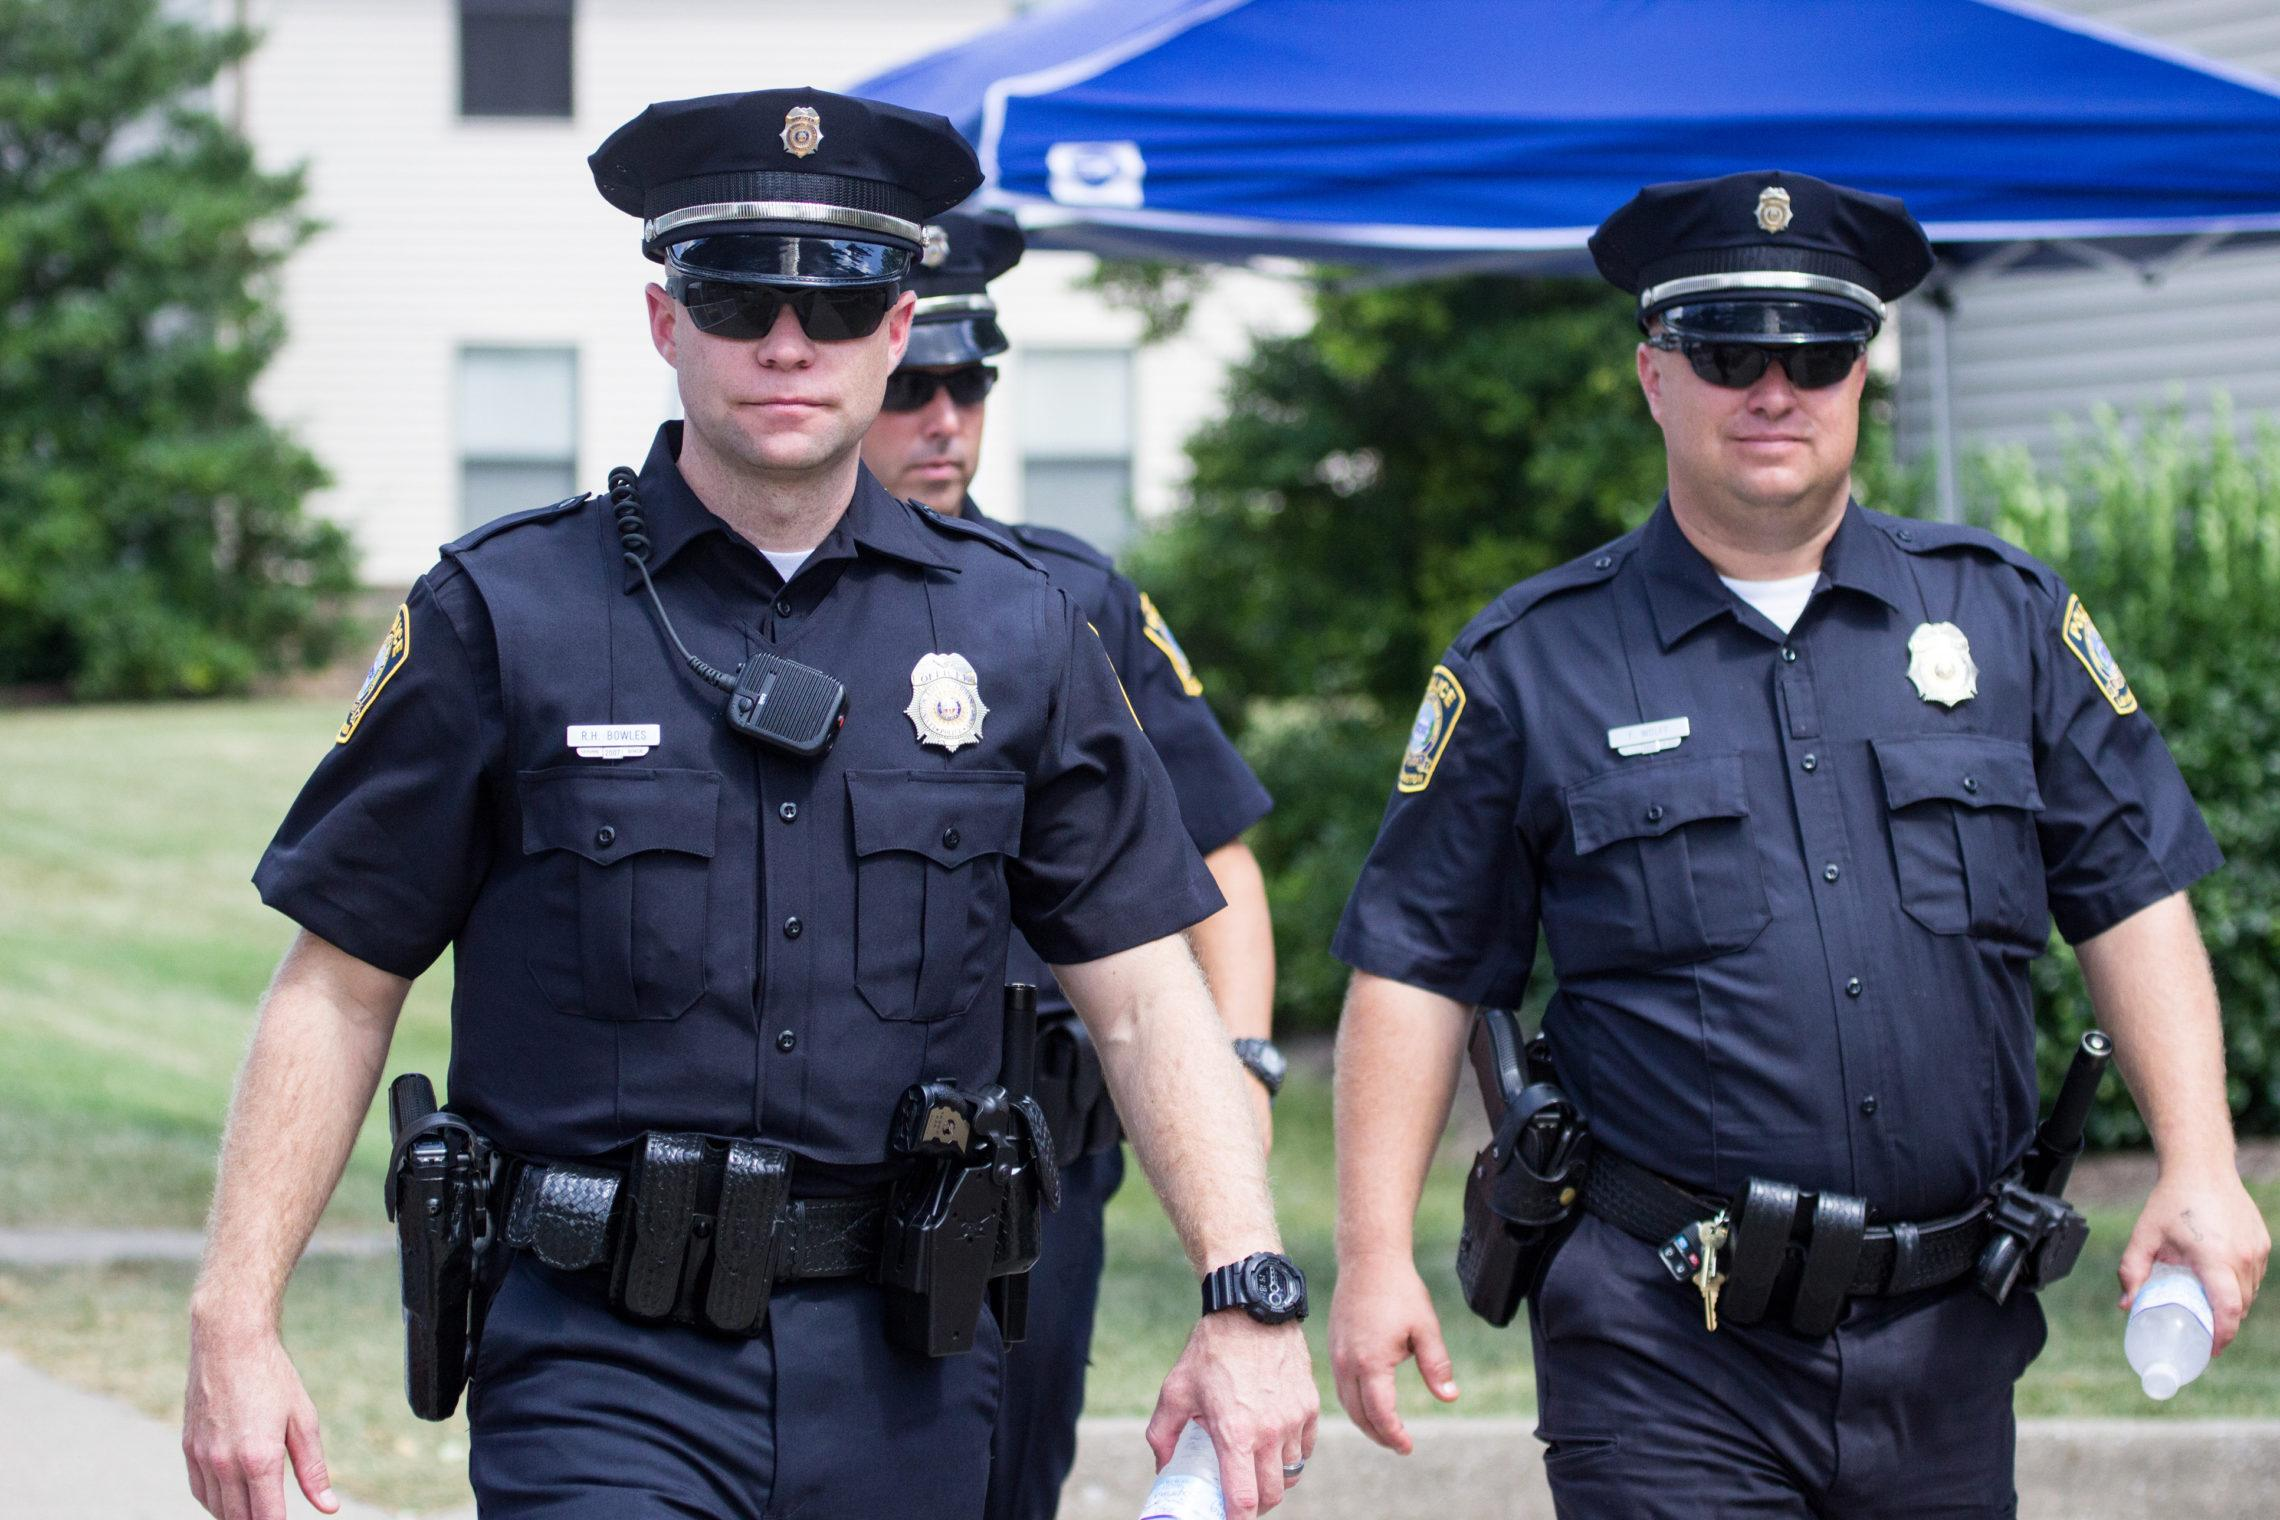 смотреть онлайн в полицейской форме